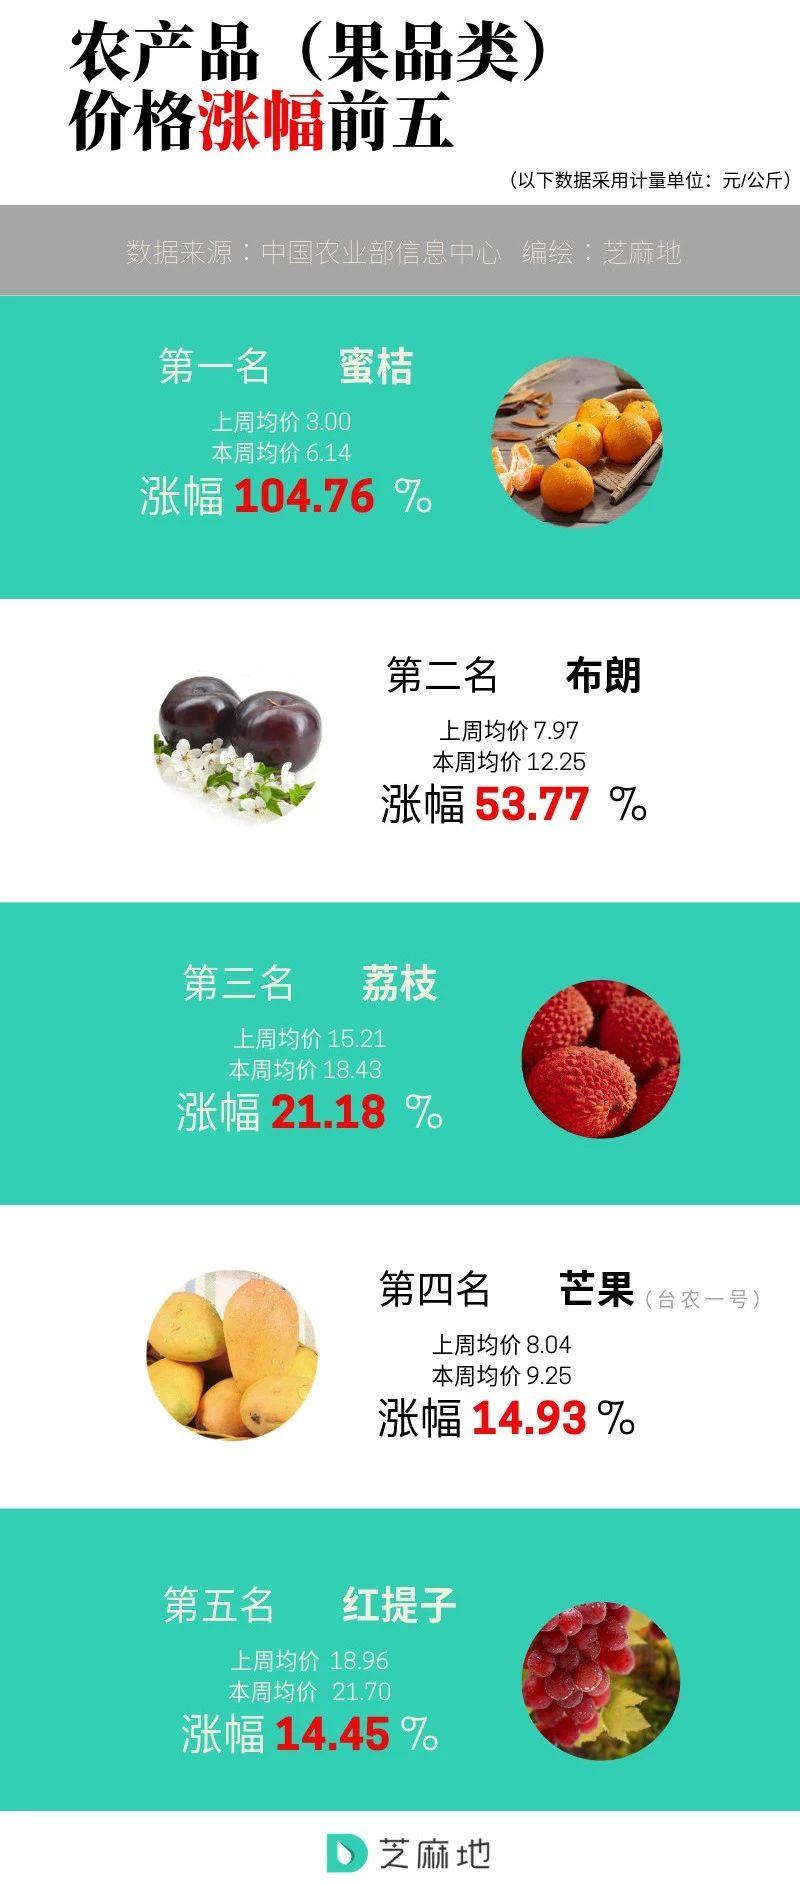 农产品(果品类)价格涨幅前五.jpg